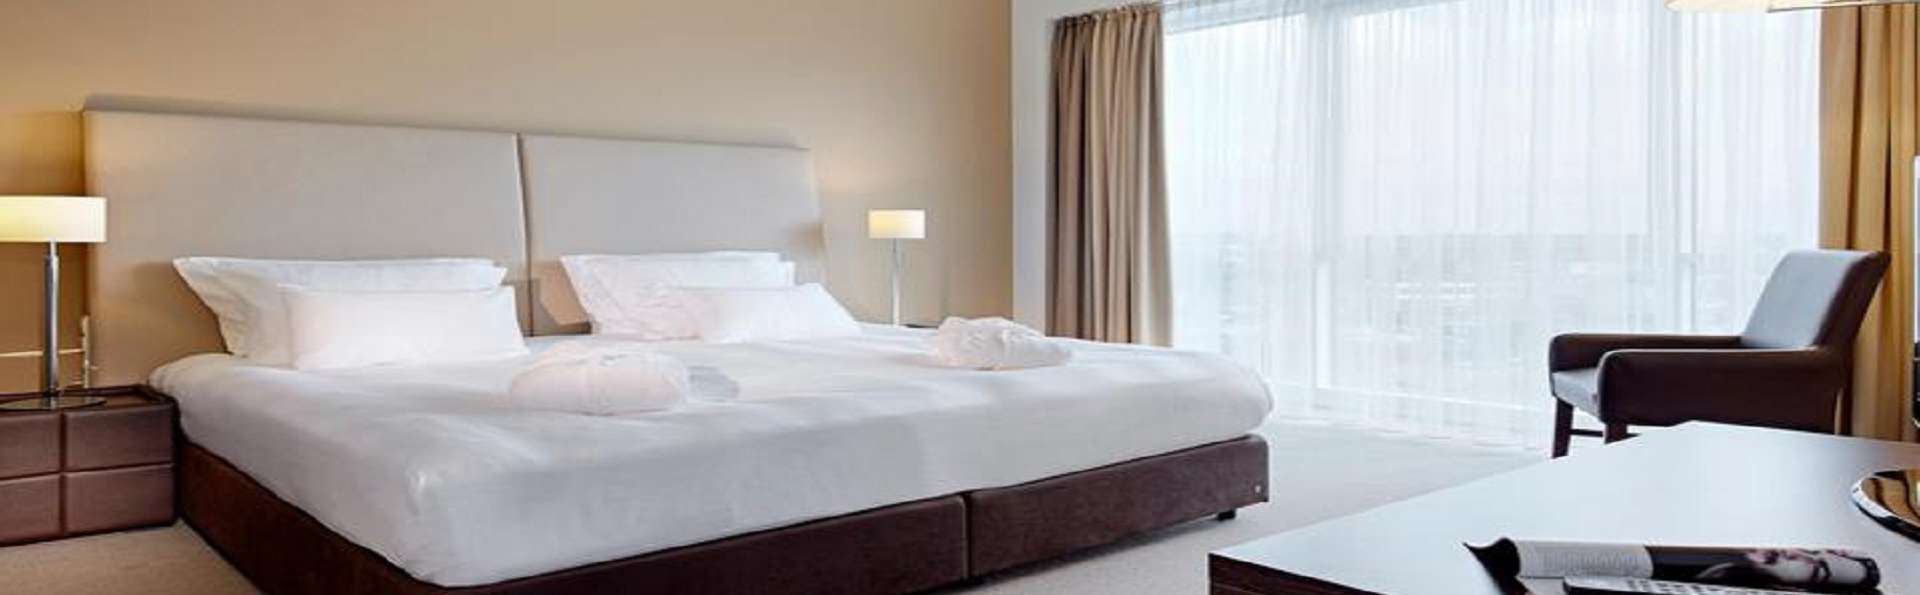 Lindner WTC Hotel & City Lounge Antwerp - lind5.jpg